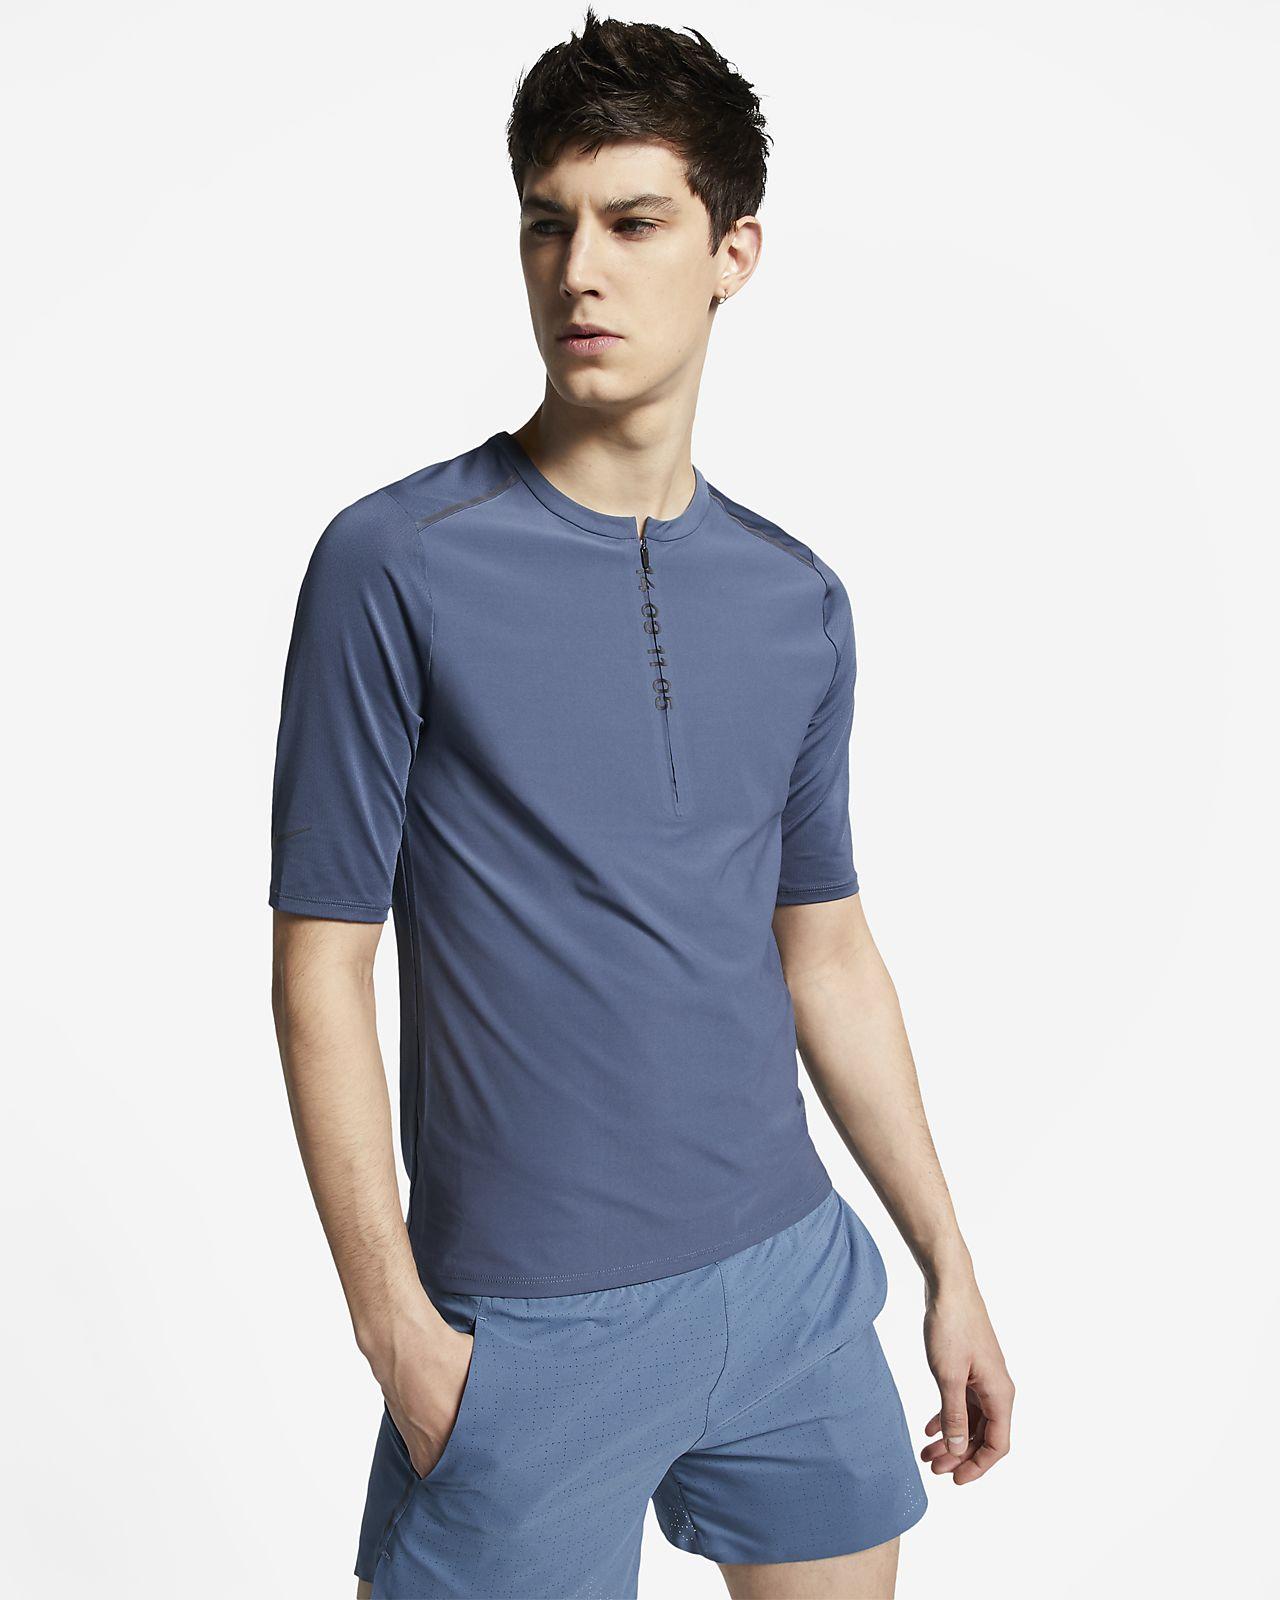 Camiseta de running de manga corta y medio cierre para hombre Nike Tech Pack